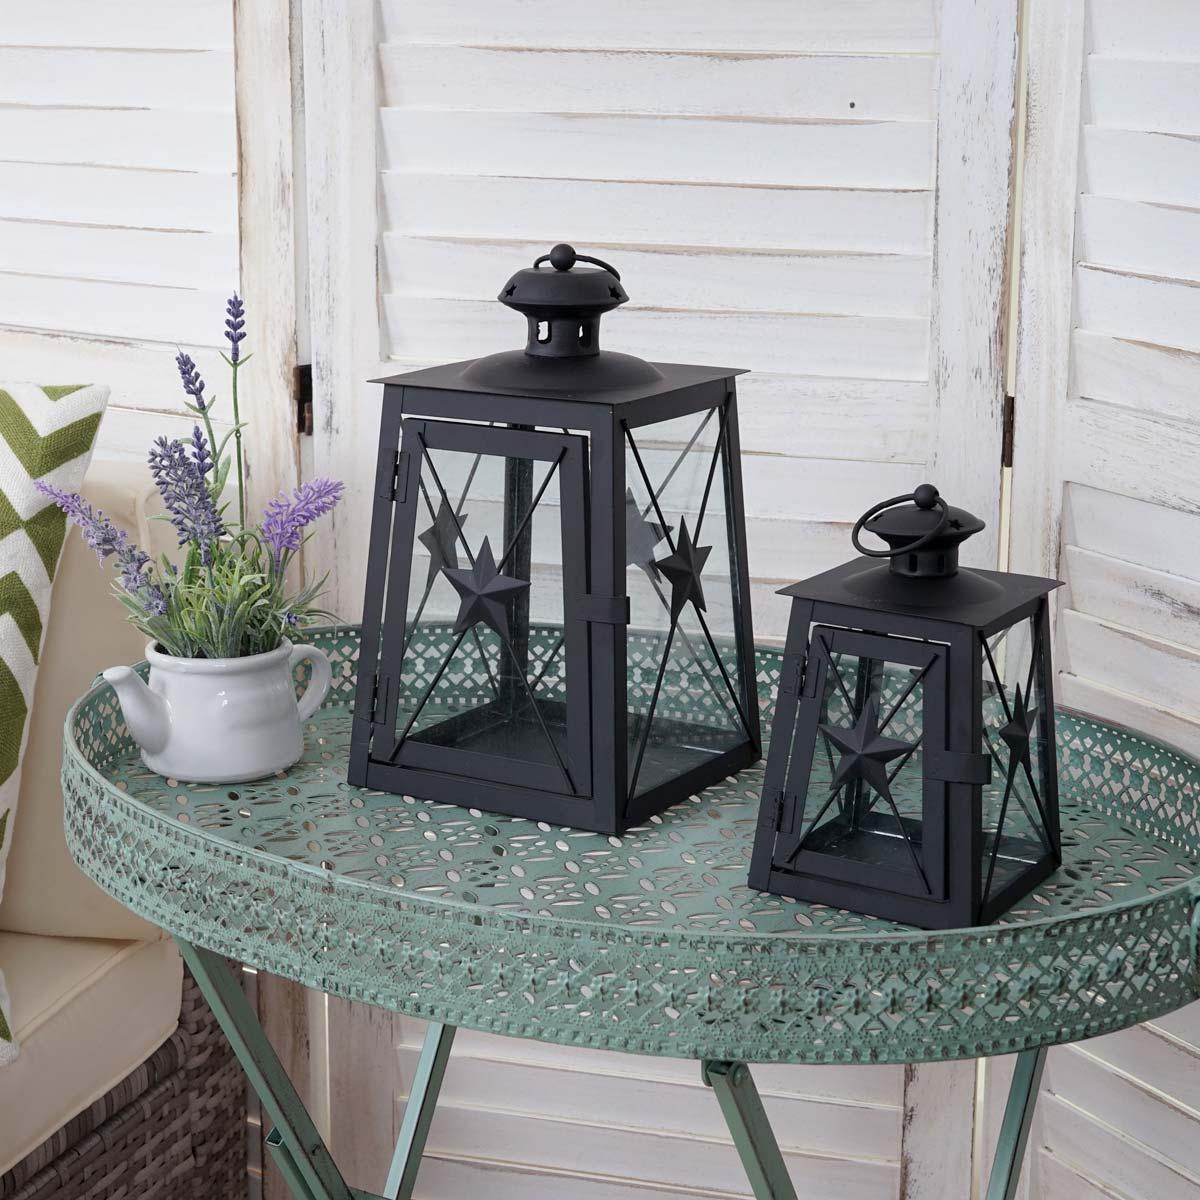 2er set laterne hwc b39 windlicht gartenlaterne metall h he 27 18cm. Black Bedroom Furniture Sets. Home Design Ideas